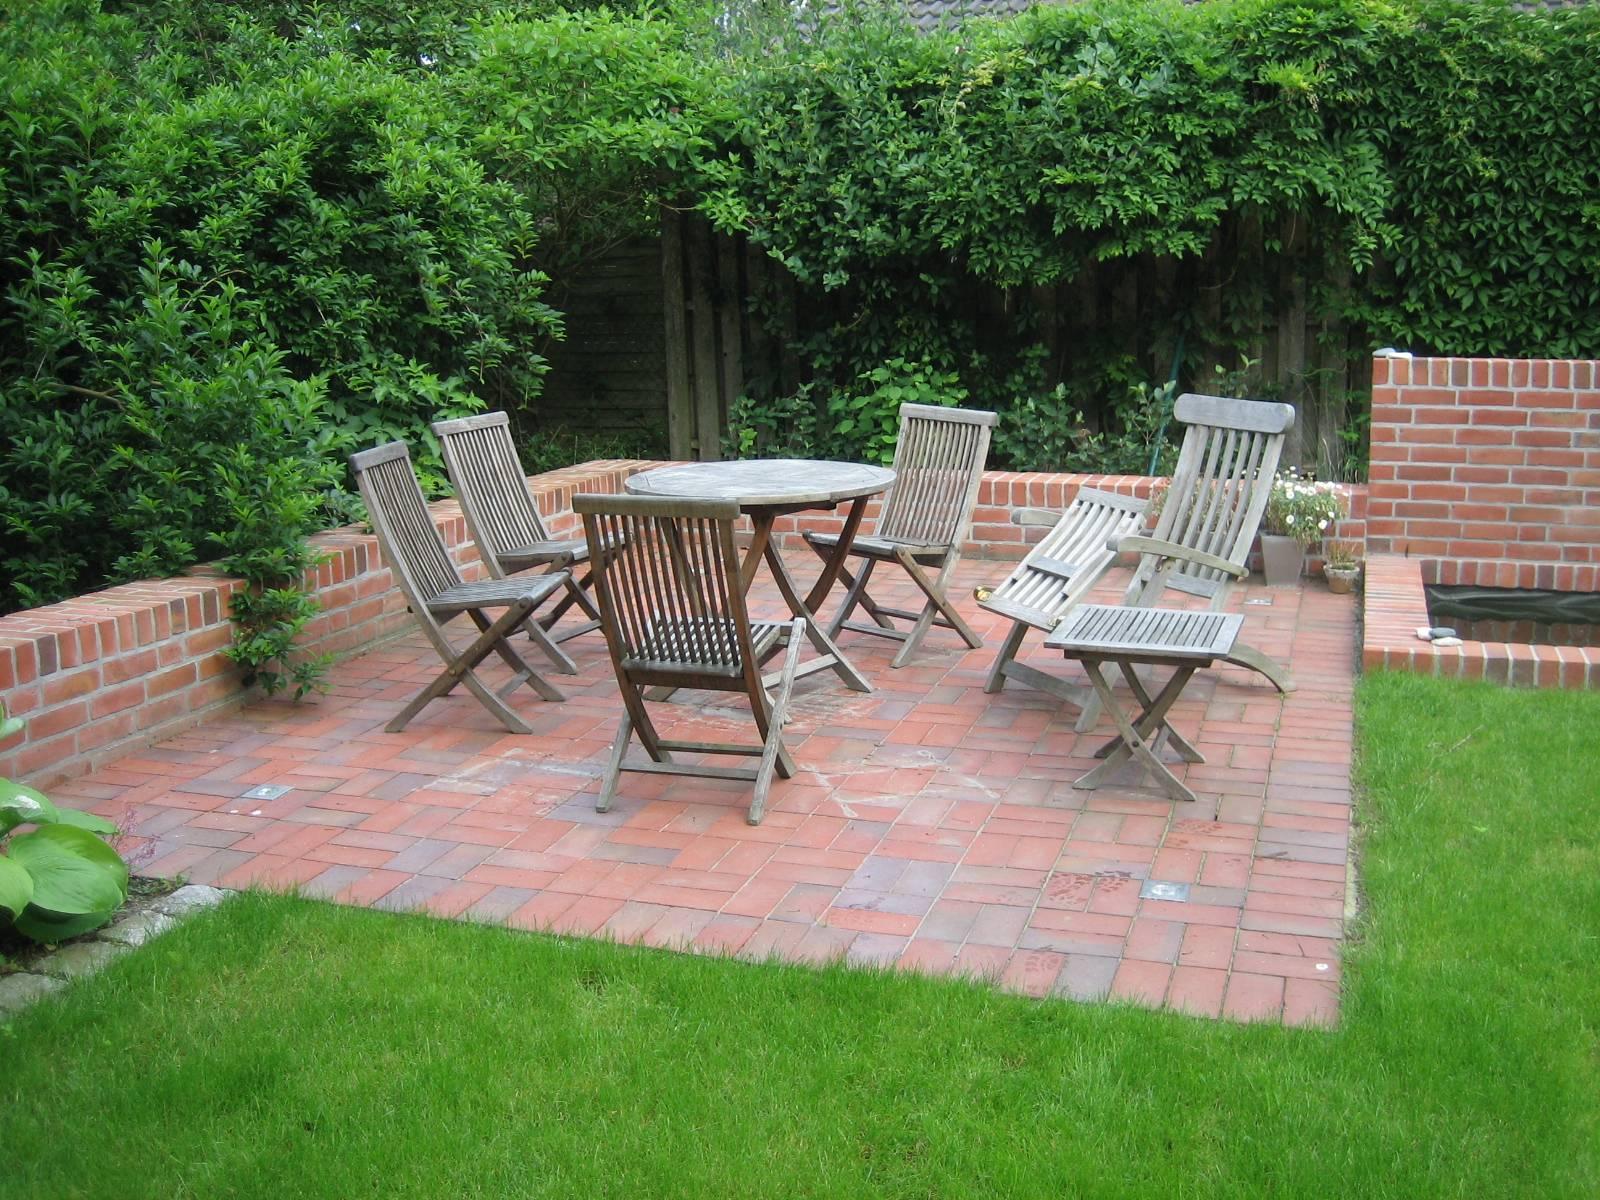 sitzecke mit wasserspiel | righini garten- und landschaftsbau